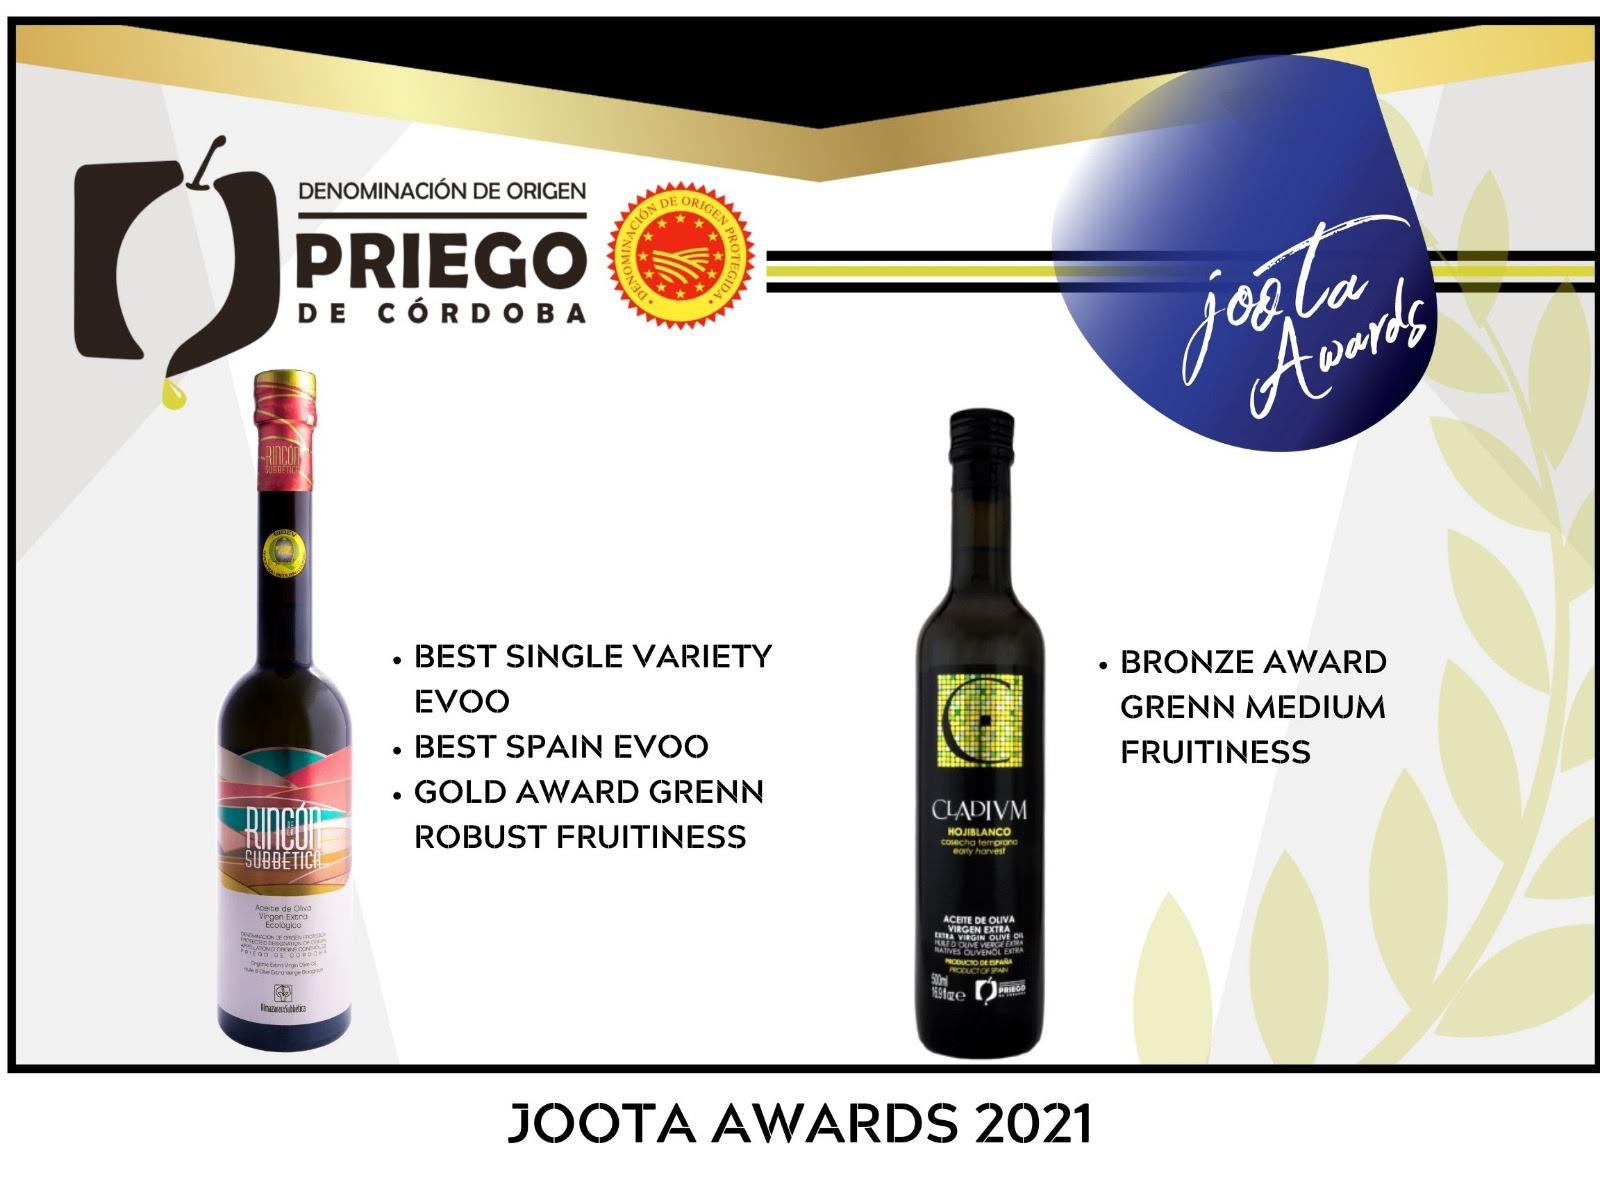 Concurso Internacional JOOTA AWARDS